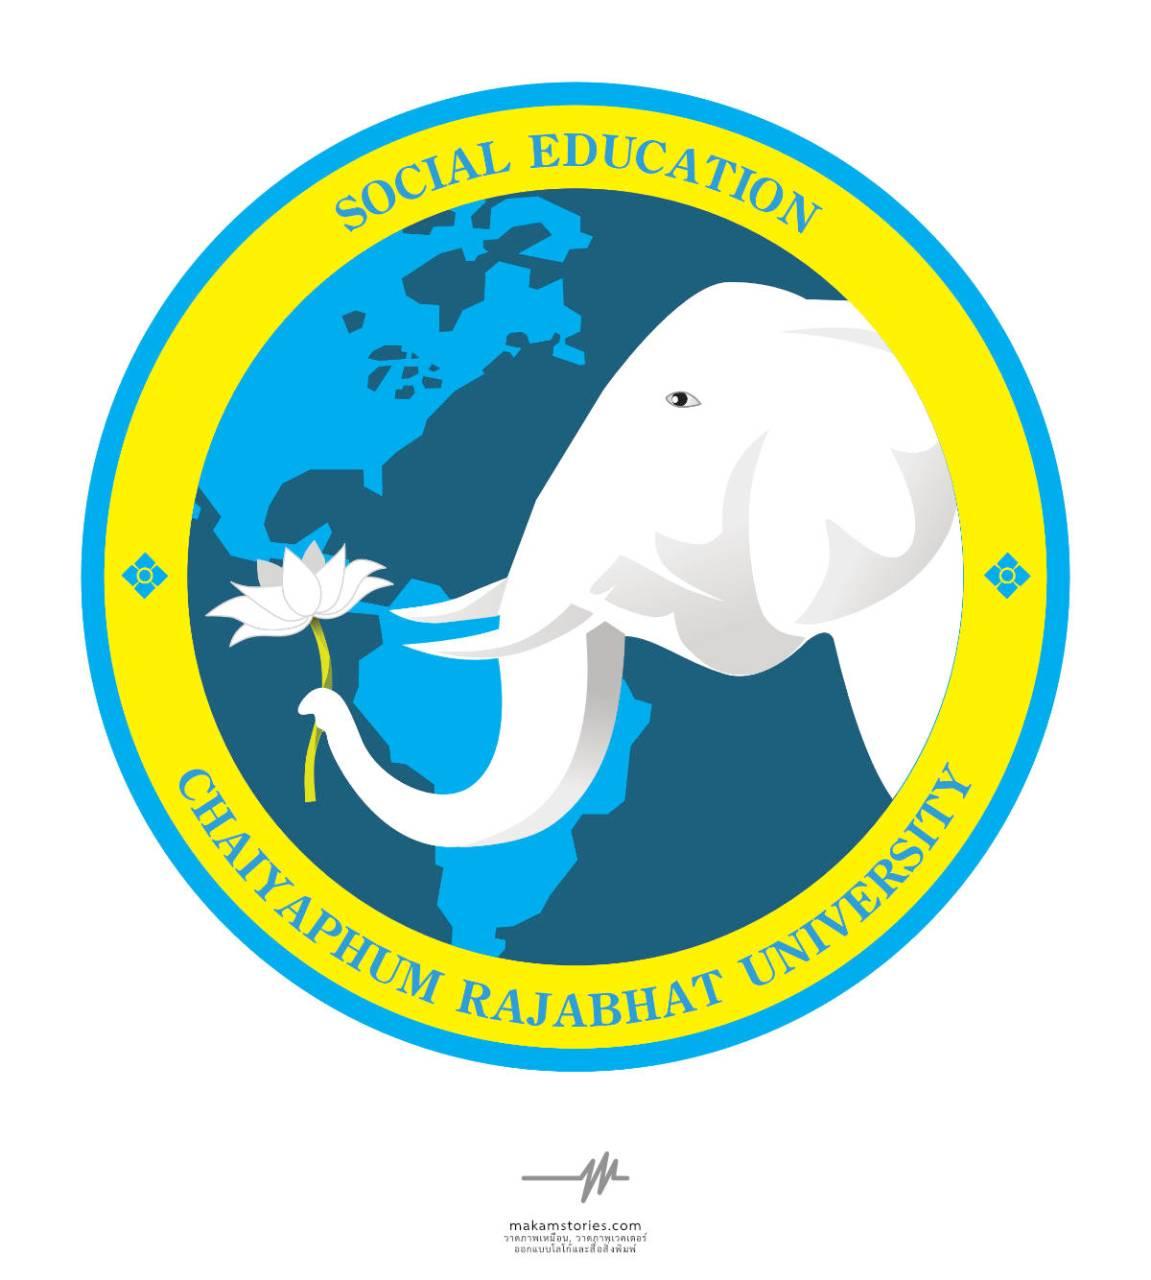 ออกแบบโลโก้ ตราสัญลักษณ์ Social Education ของมหาวิทยาลัยราชภัฎ ชัยภูมิ